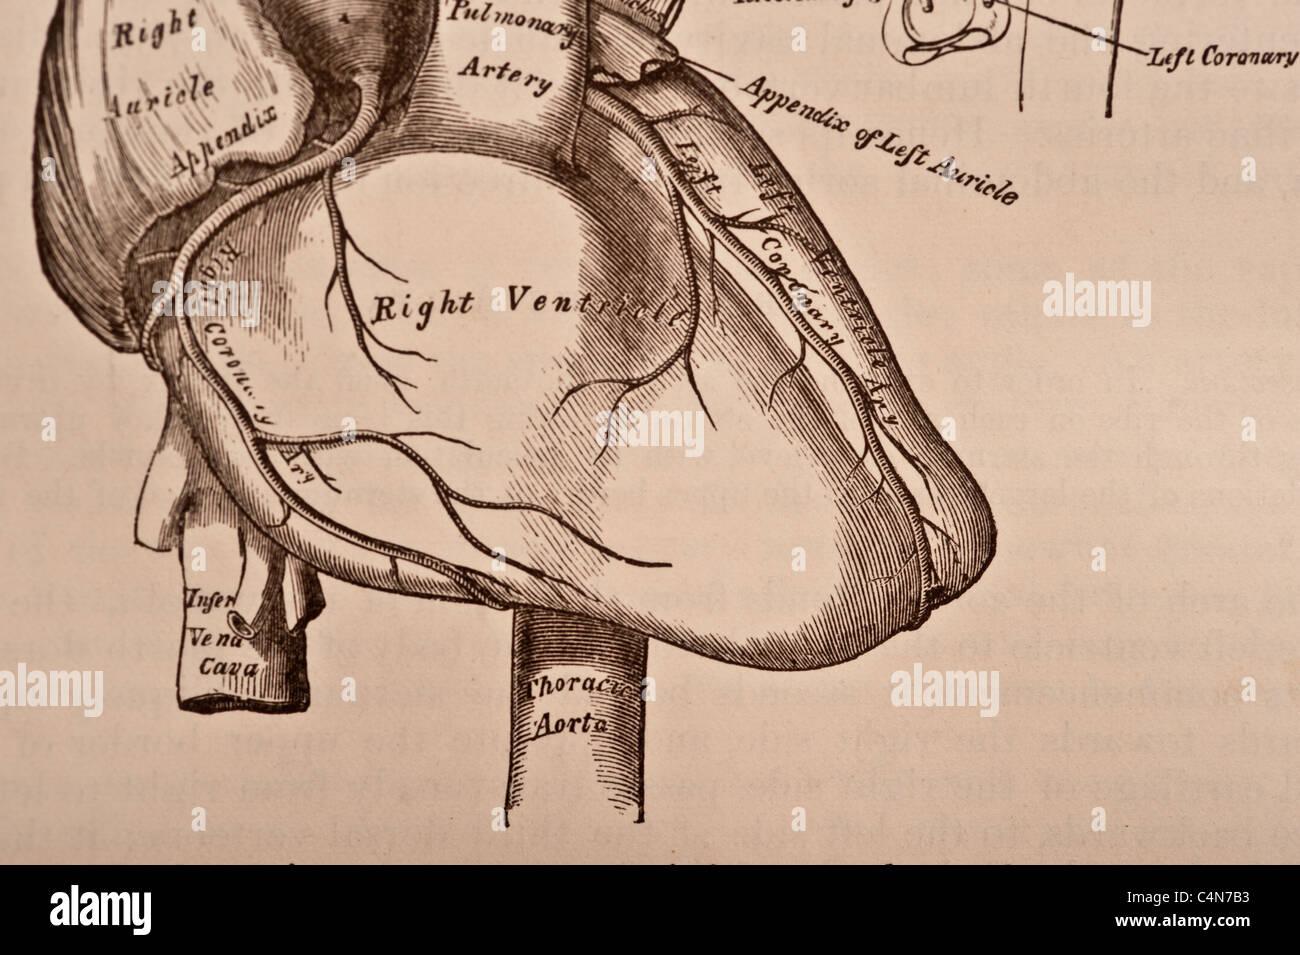 Antike medizinische Illustration eines menschlichen Herzens und Herz ...